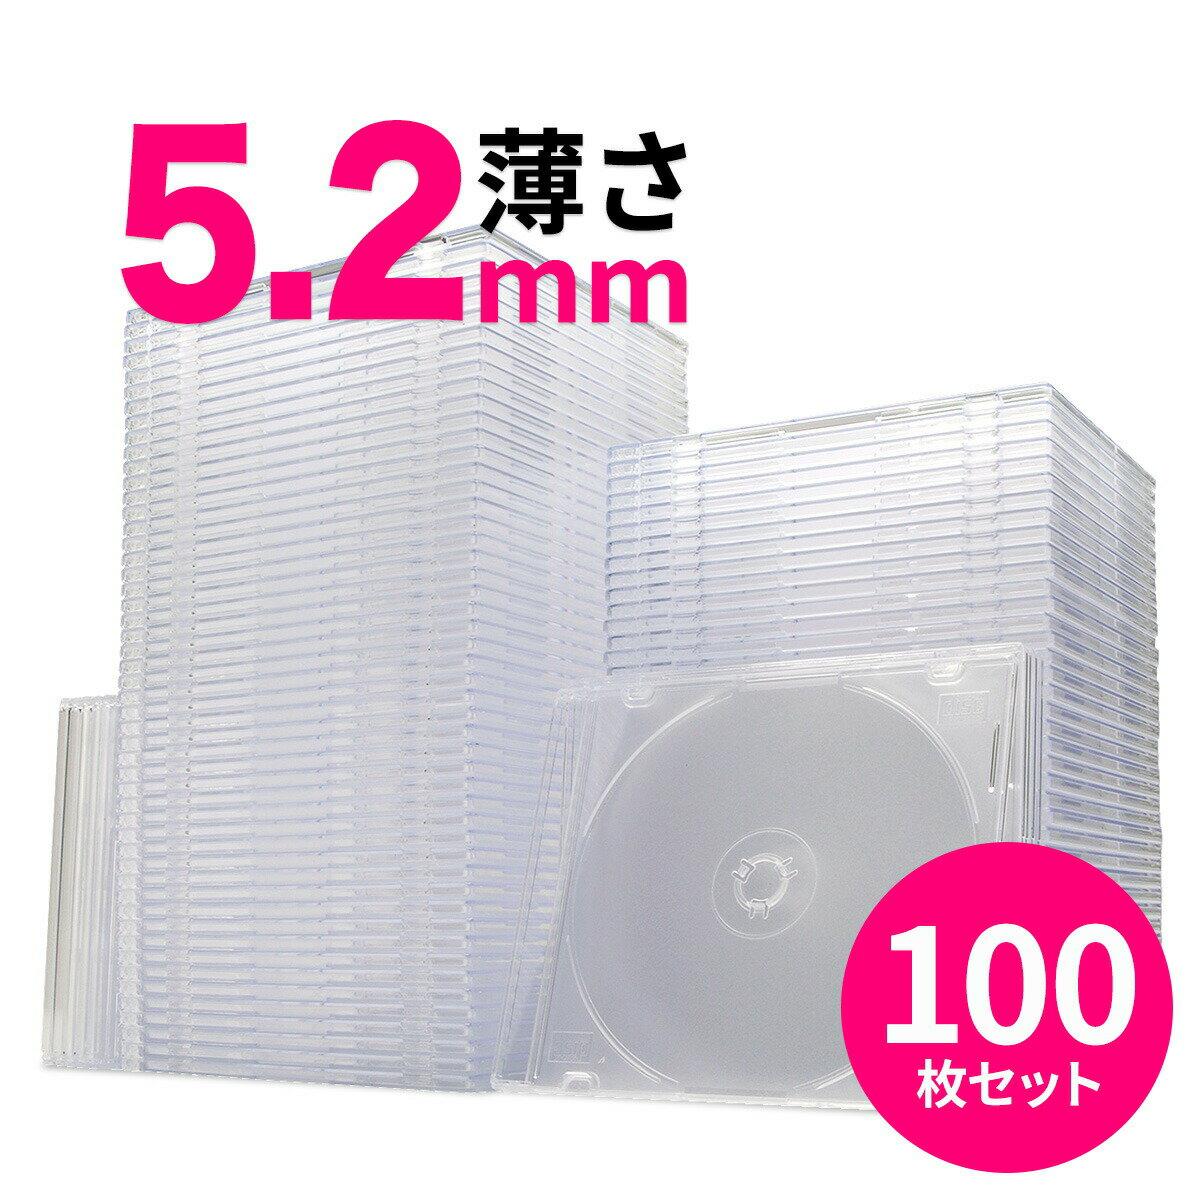 【クーポンで5%OFF!】CDケース DVDケース ブルーレイケース 100枚セット プラケース スリムケース(5.2mm) 収納ケース メディアケース [200-FCD031-100]【サンワダイレクト限定品】